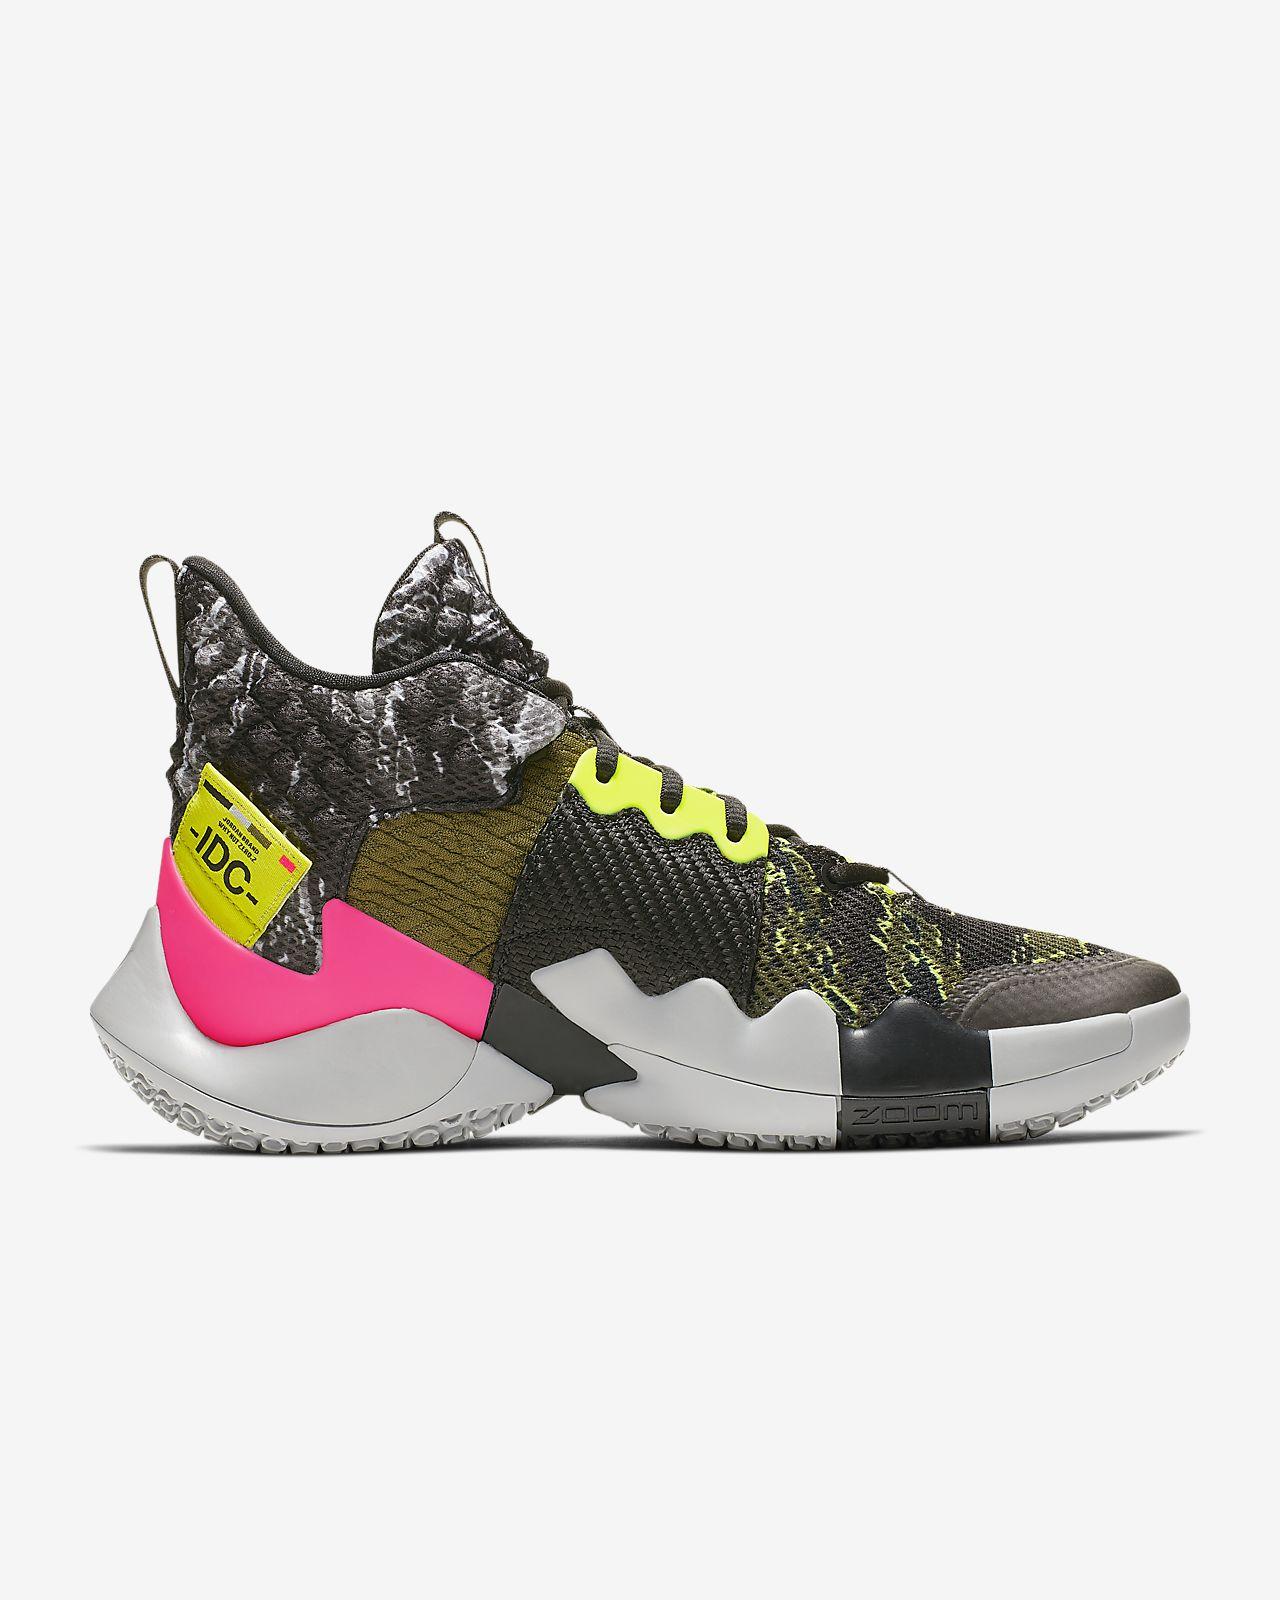 new concept 46a81 7d7dd Zer0.2 Basketball Shoe Jordan